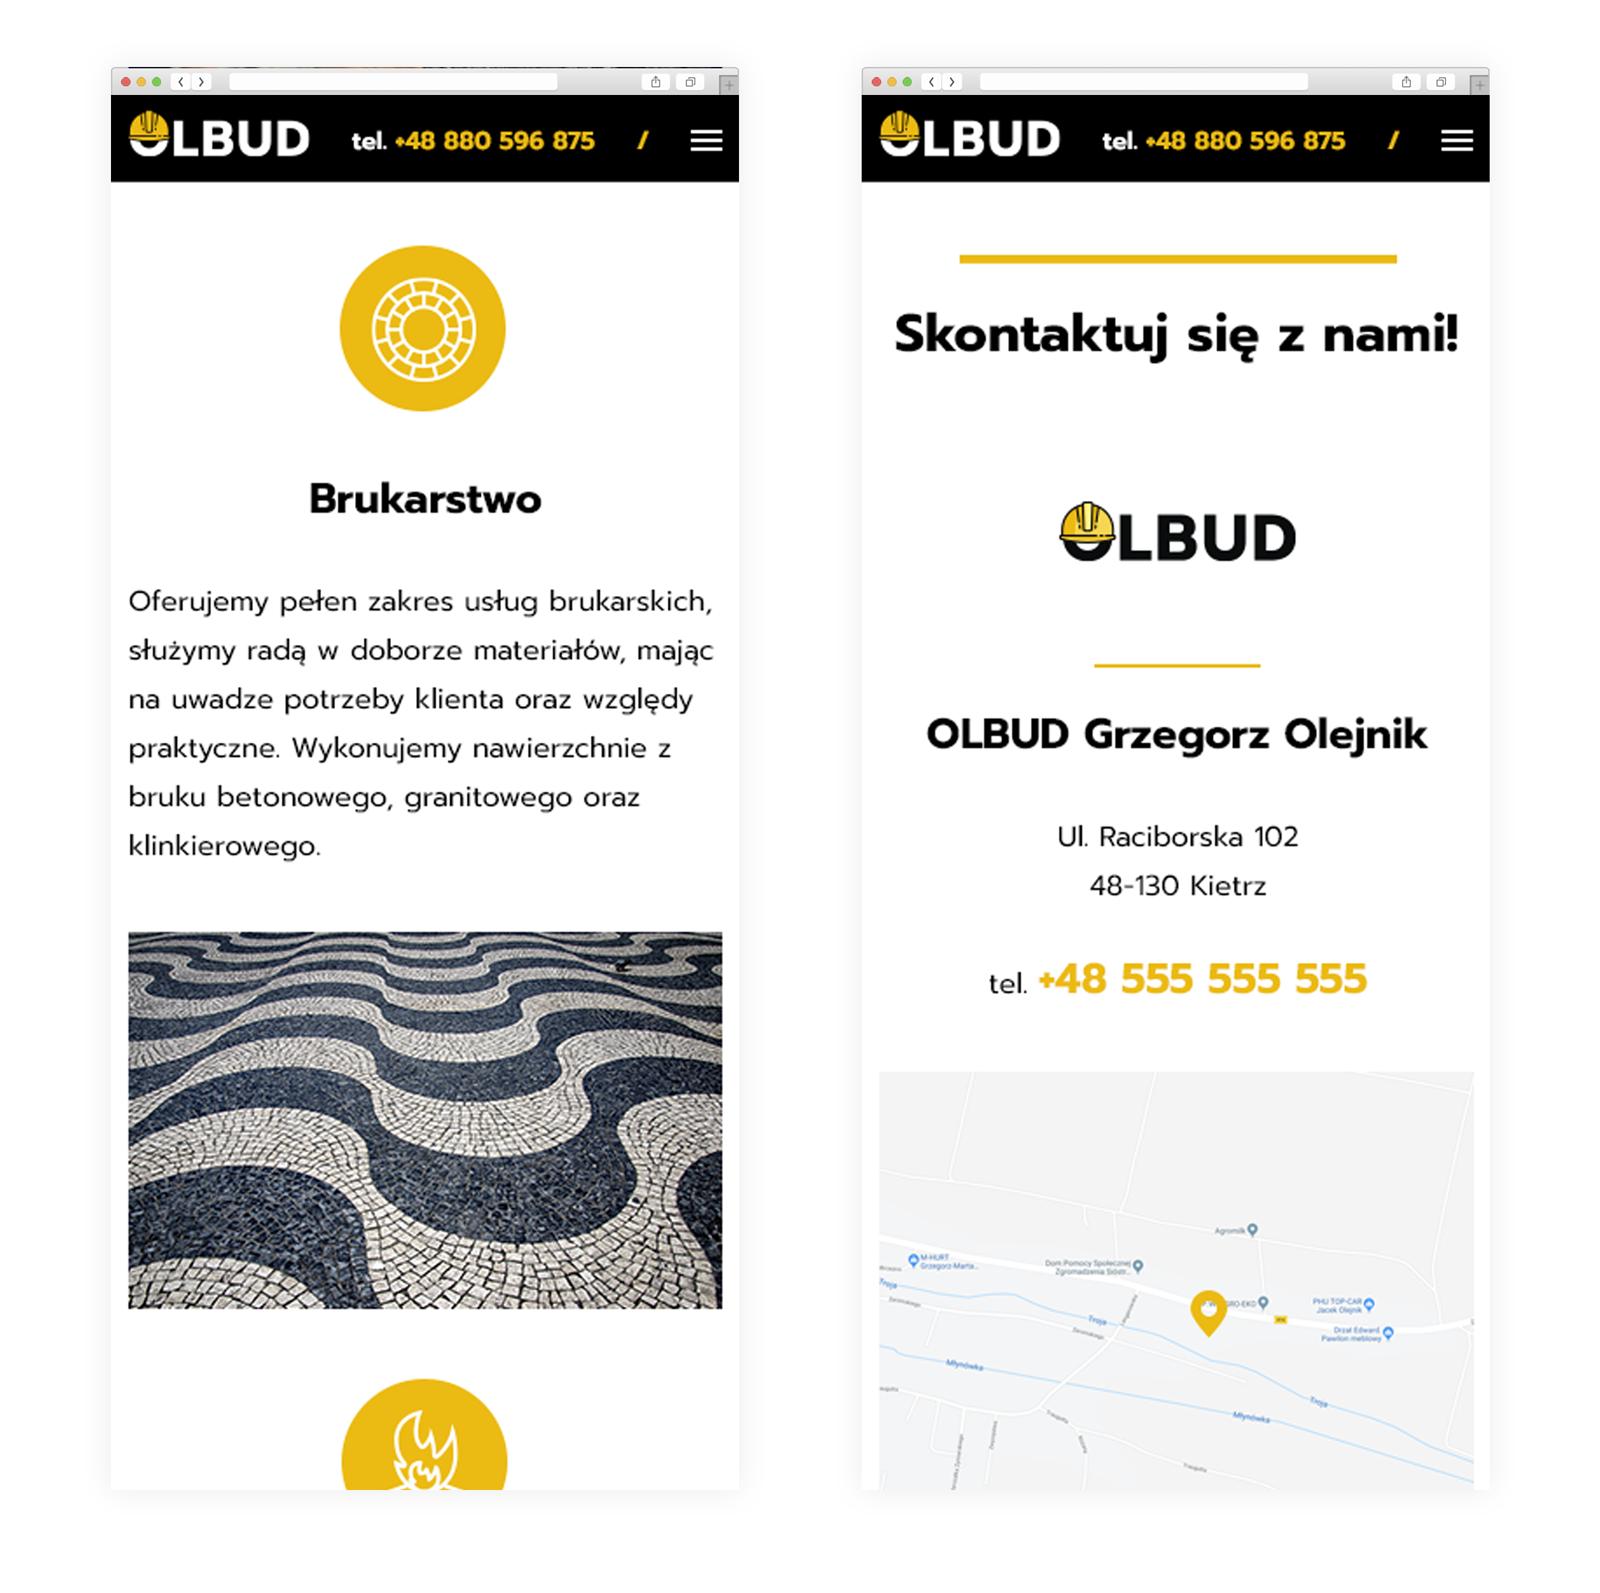 olbud_5